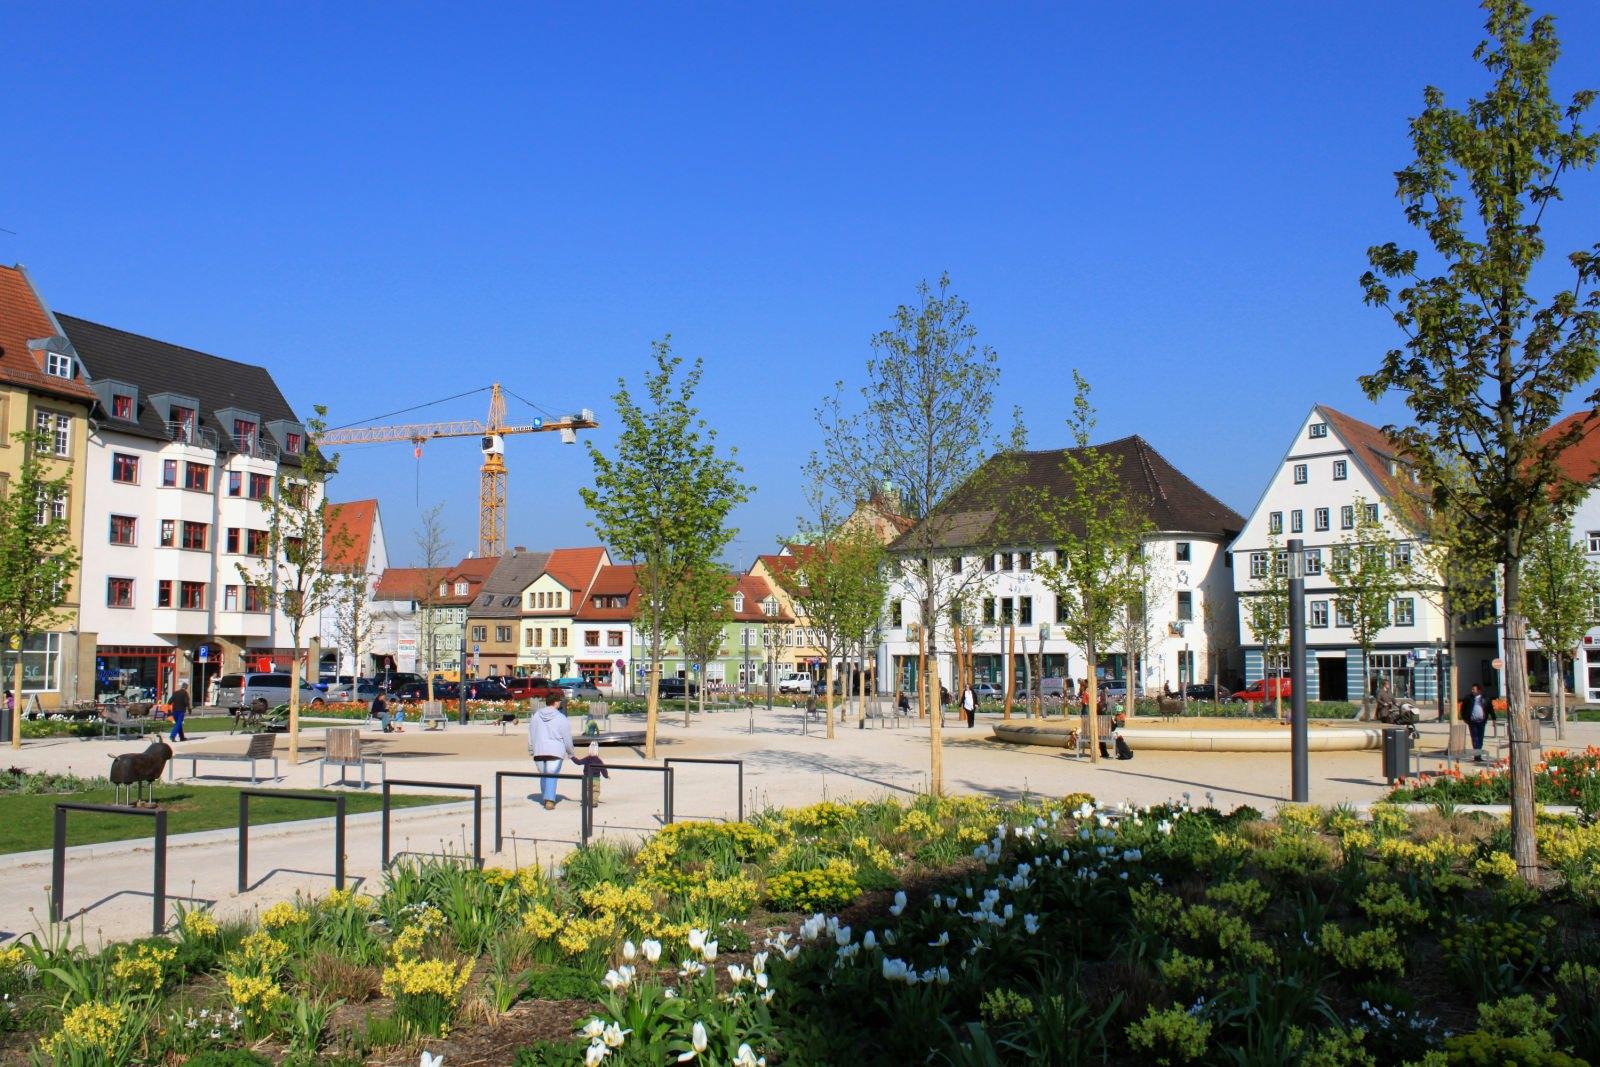 Erfurt Innenstadt Nutzungsdurchmischung öffentlicher Raum Freiraum Platzgestaltung